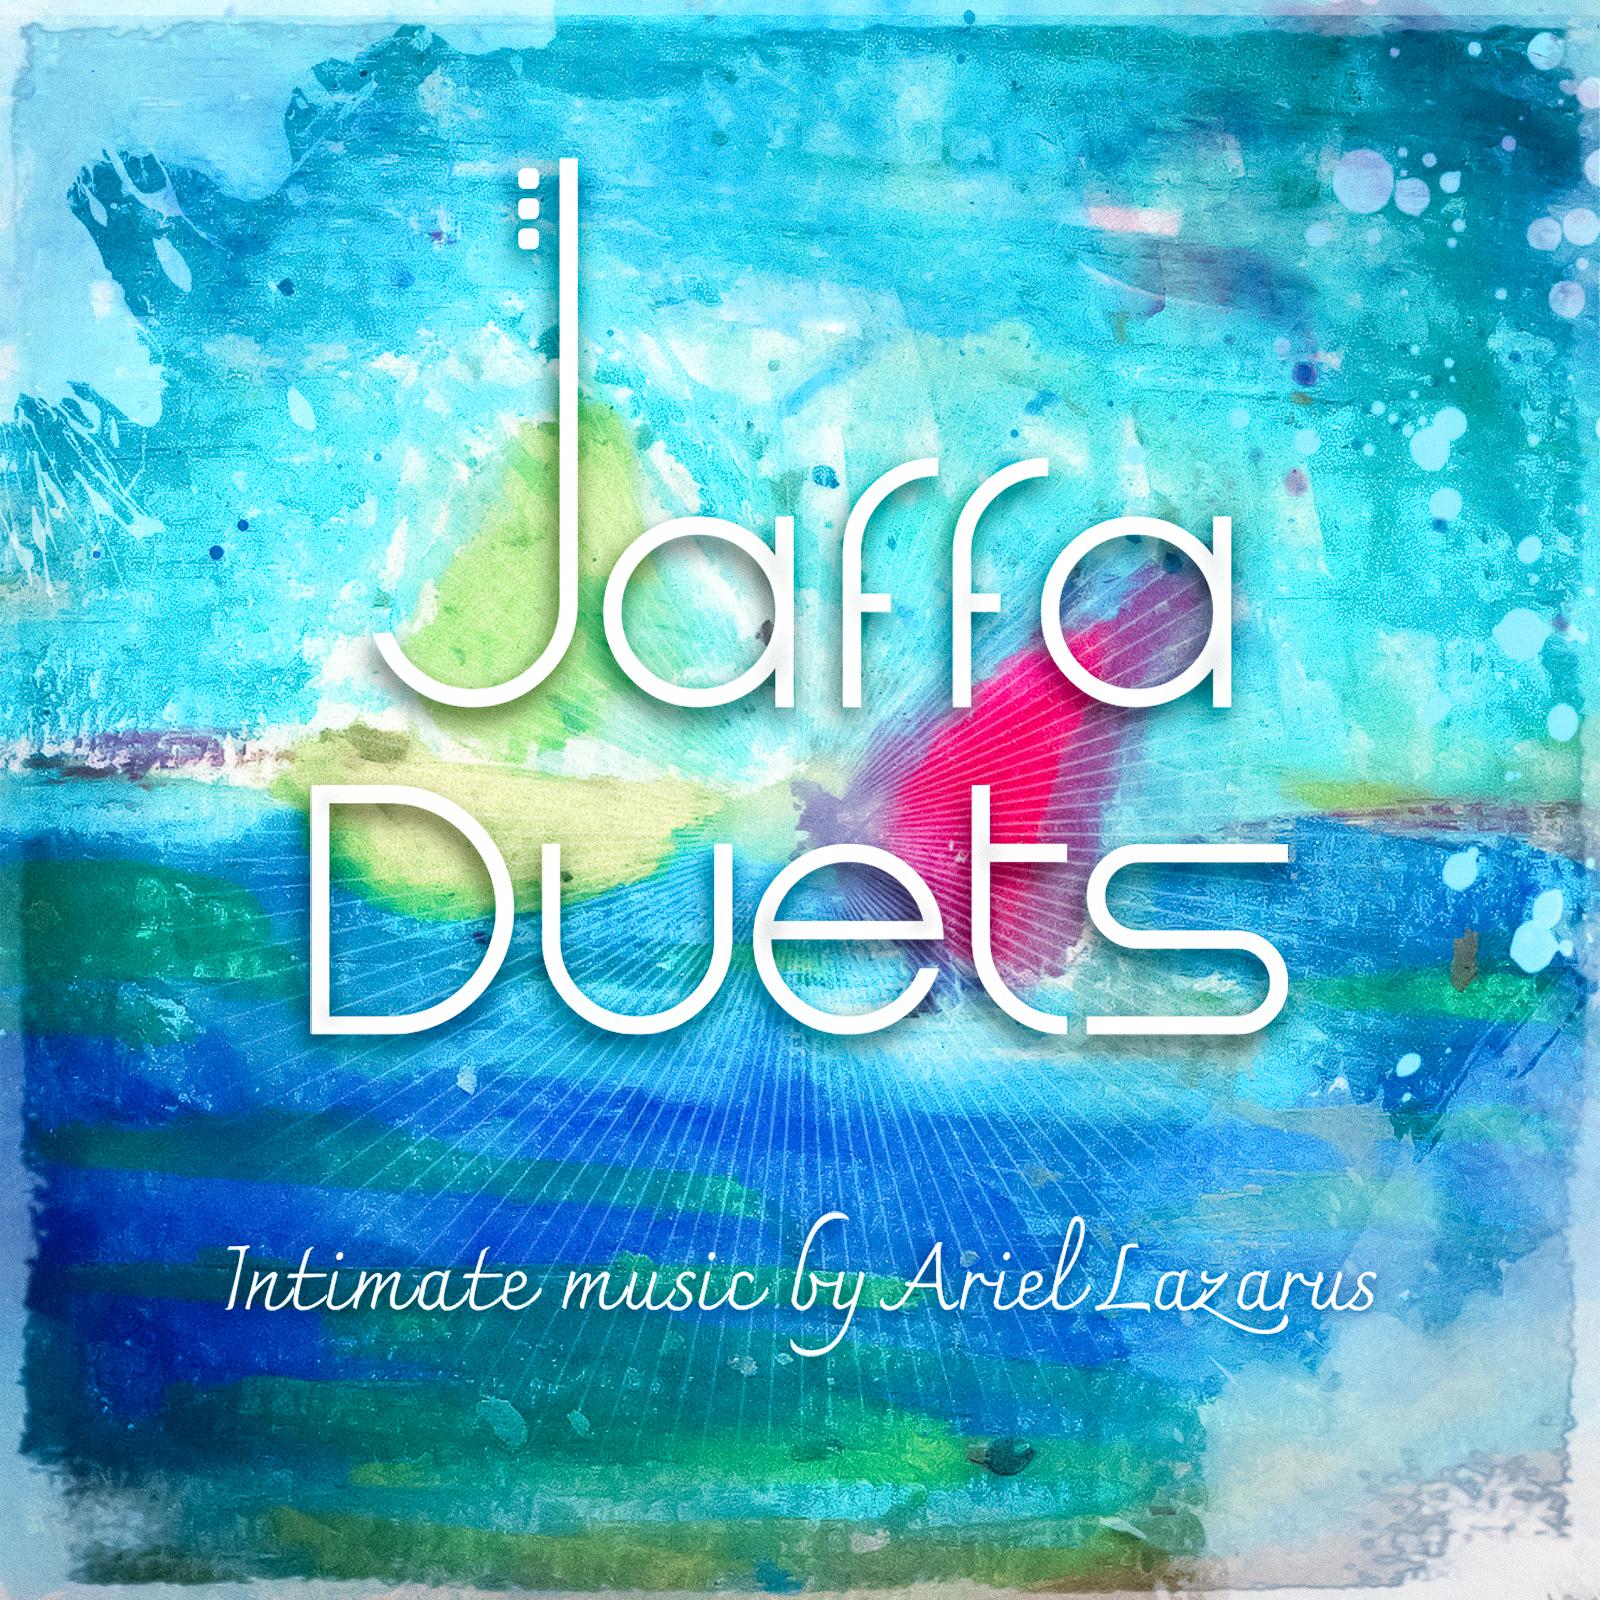 ariel lazarus cover art jaffa